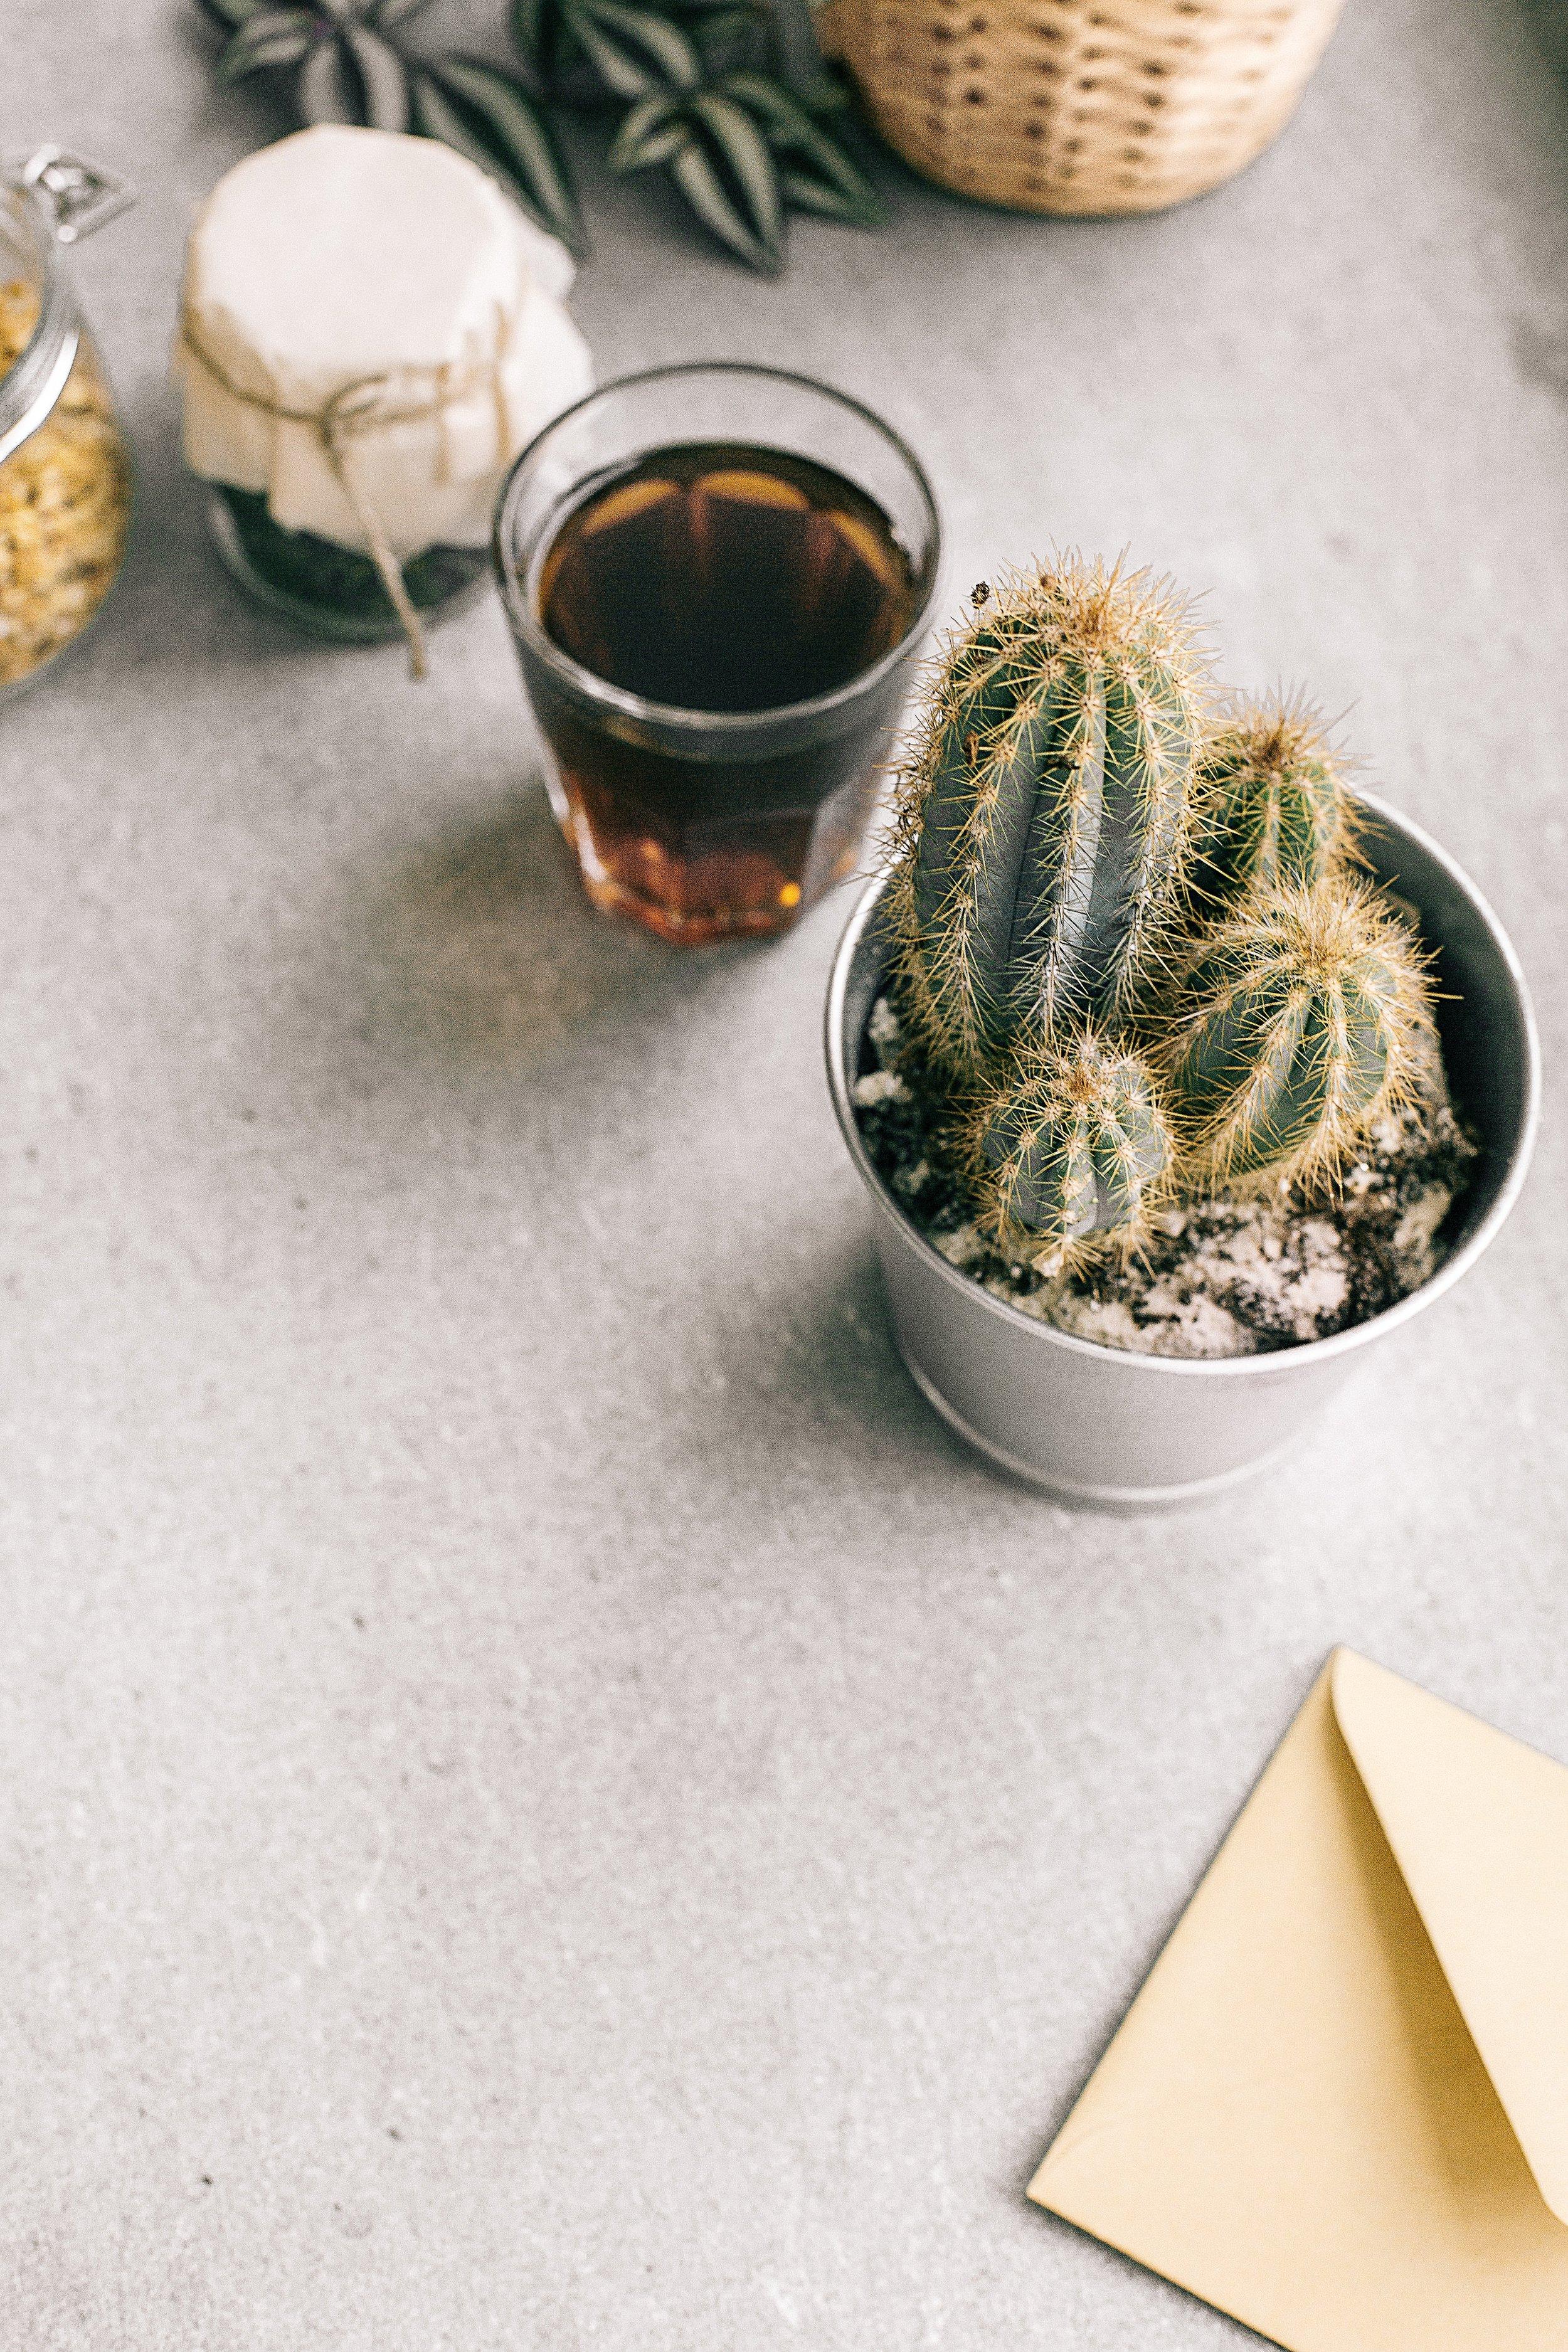 cactus-cactus-plant-coffee-1056720.jpg